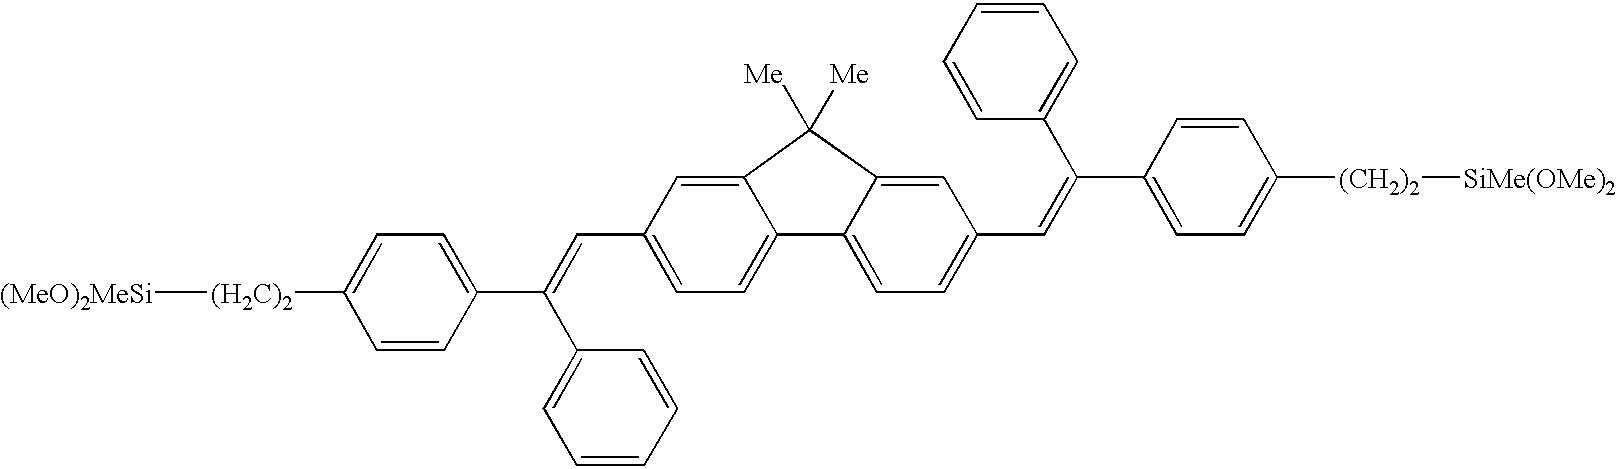 Figure US20030129451A1-20030710-C00409